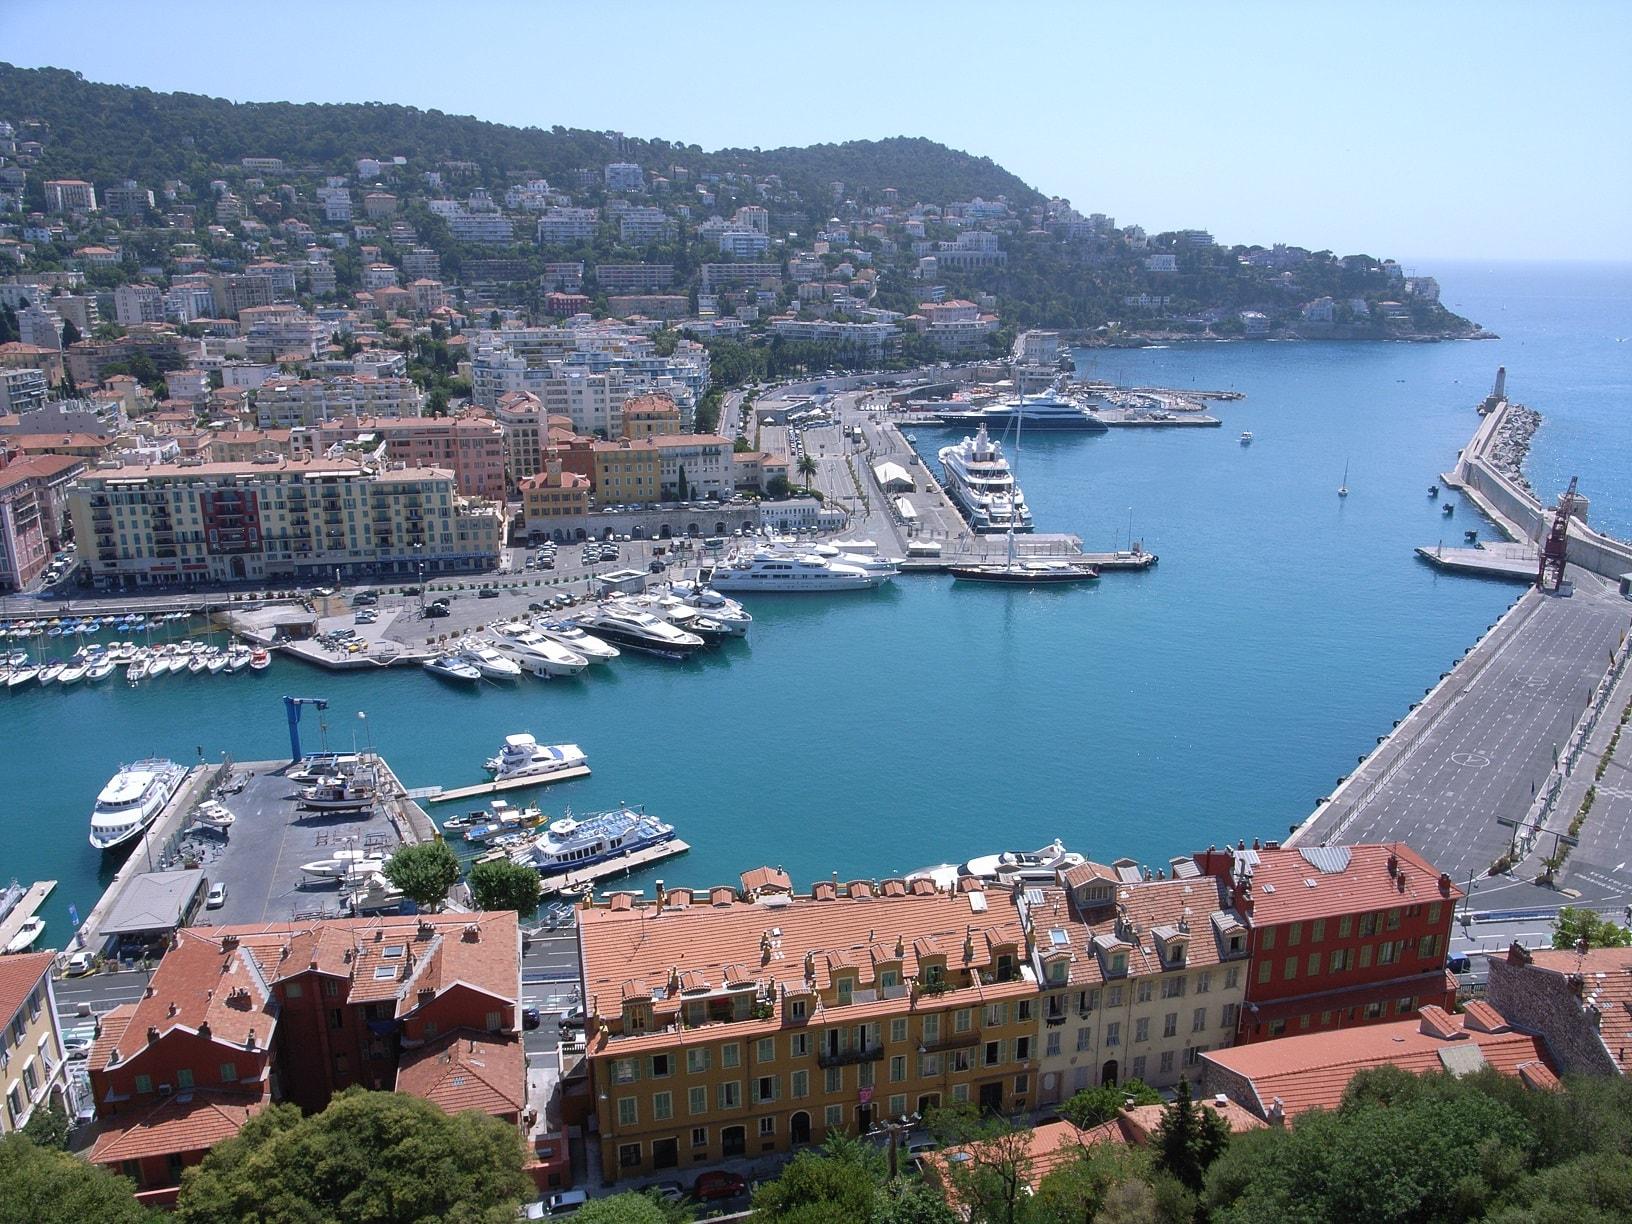 port nice avec chauffeur vtc Alpes-Maritimes Côte-d'Azur